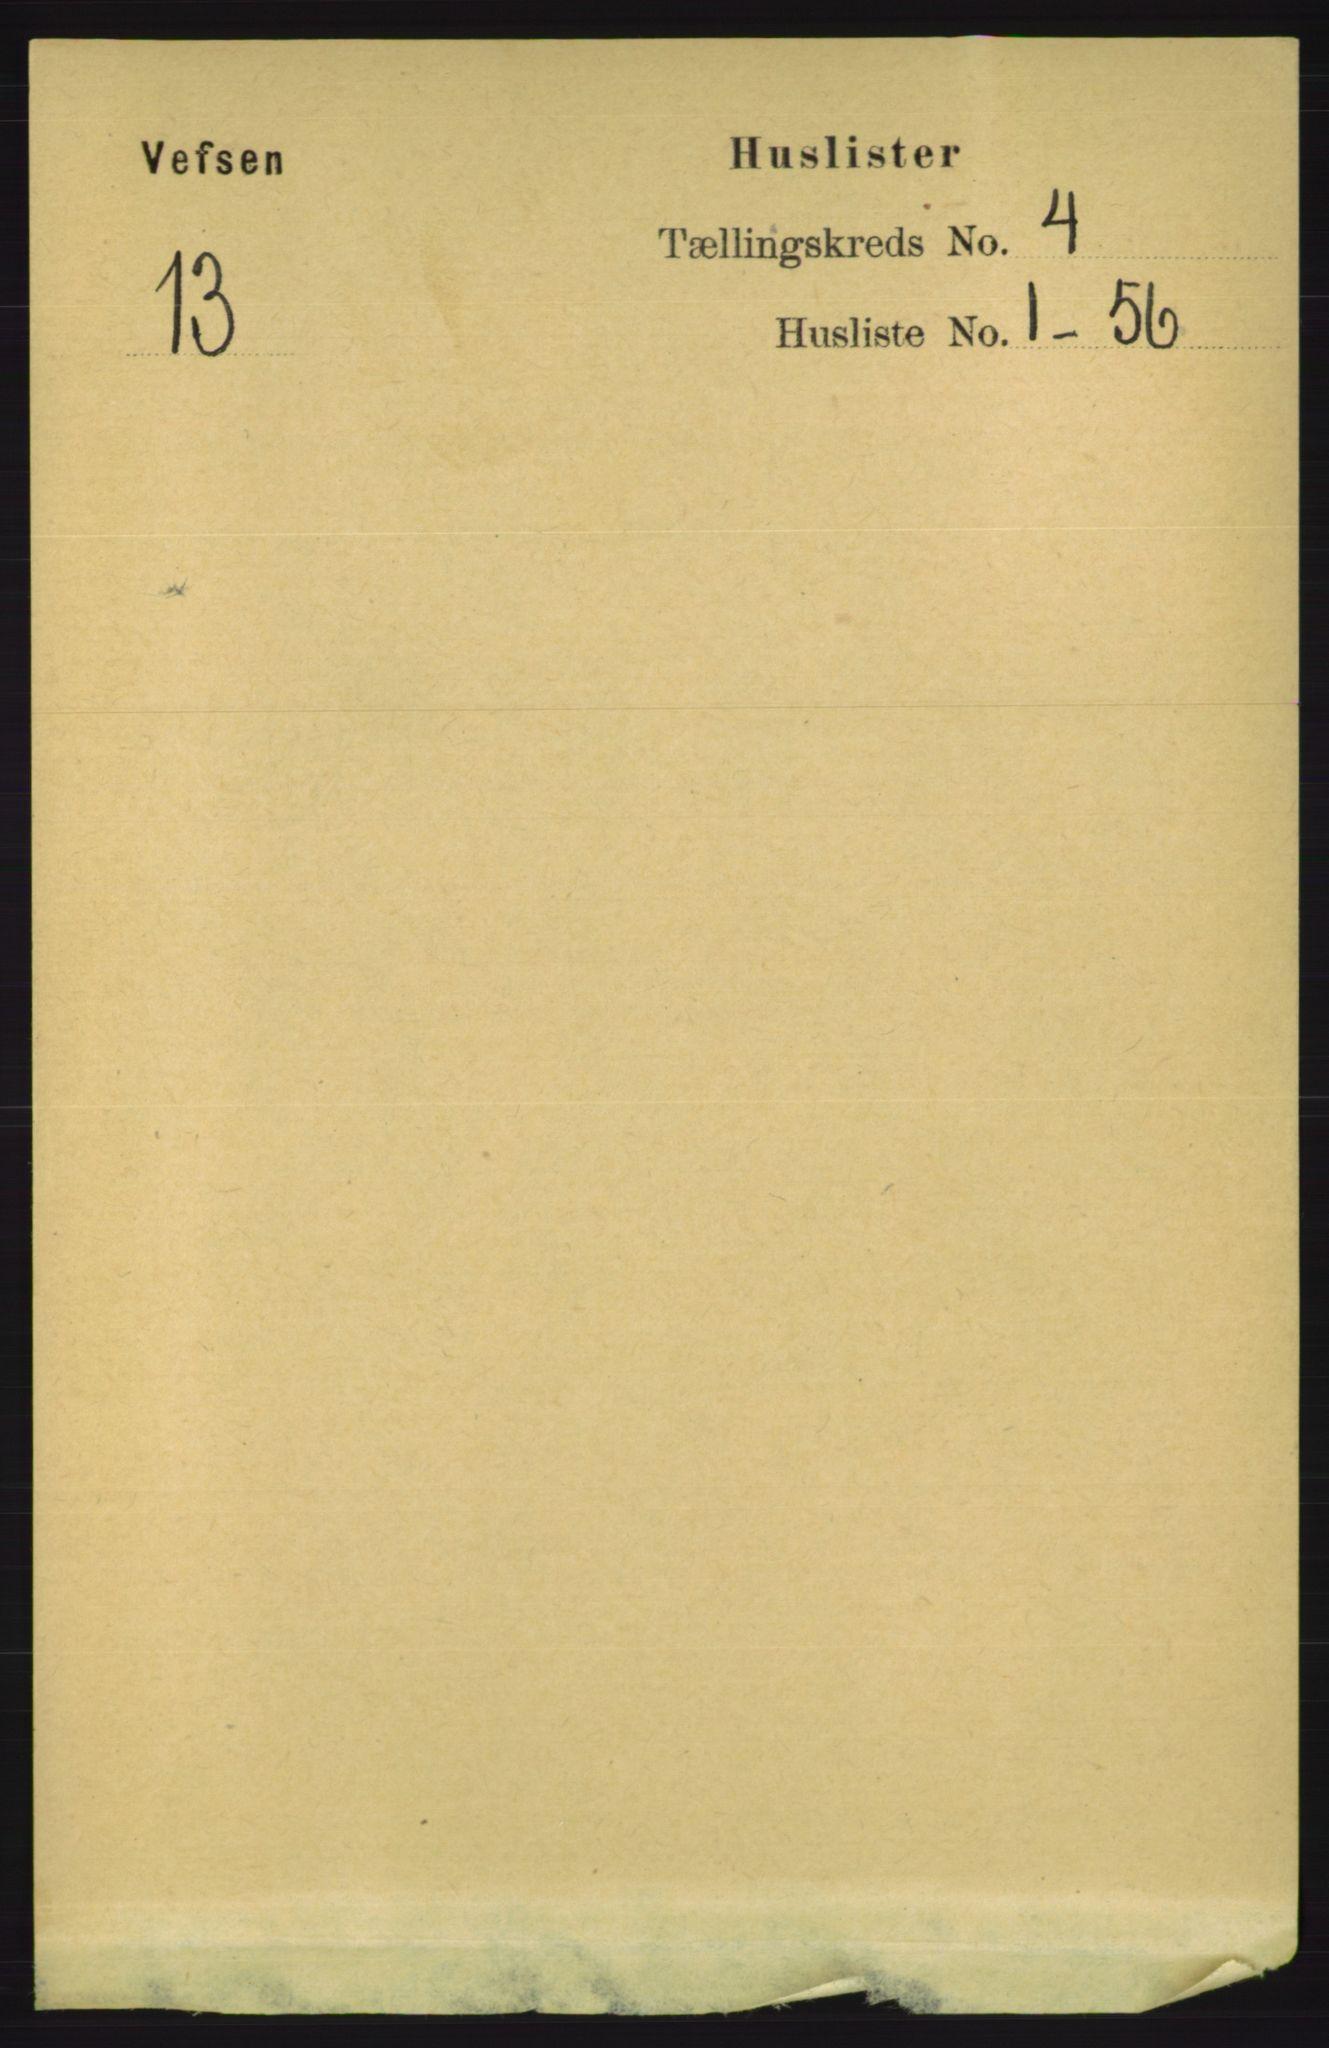 RA, Folketelling 1891 for 1824 Vefsn herred, 1891, s. 1562